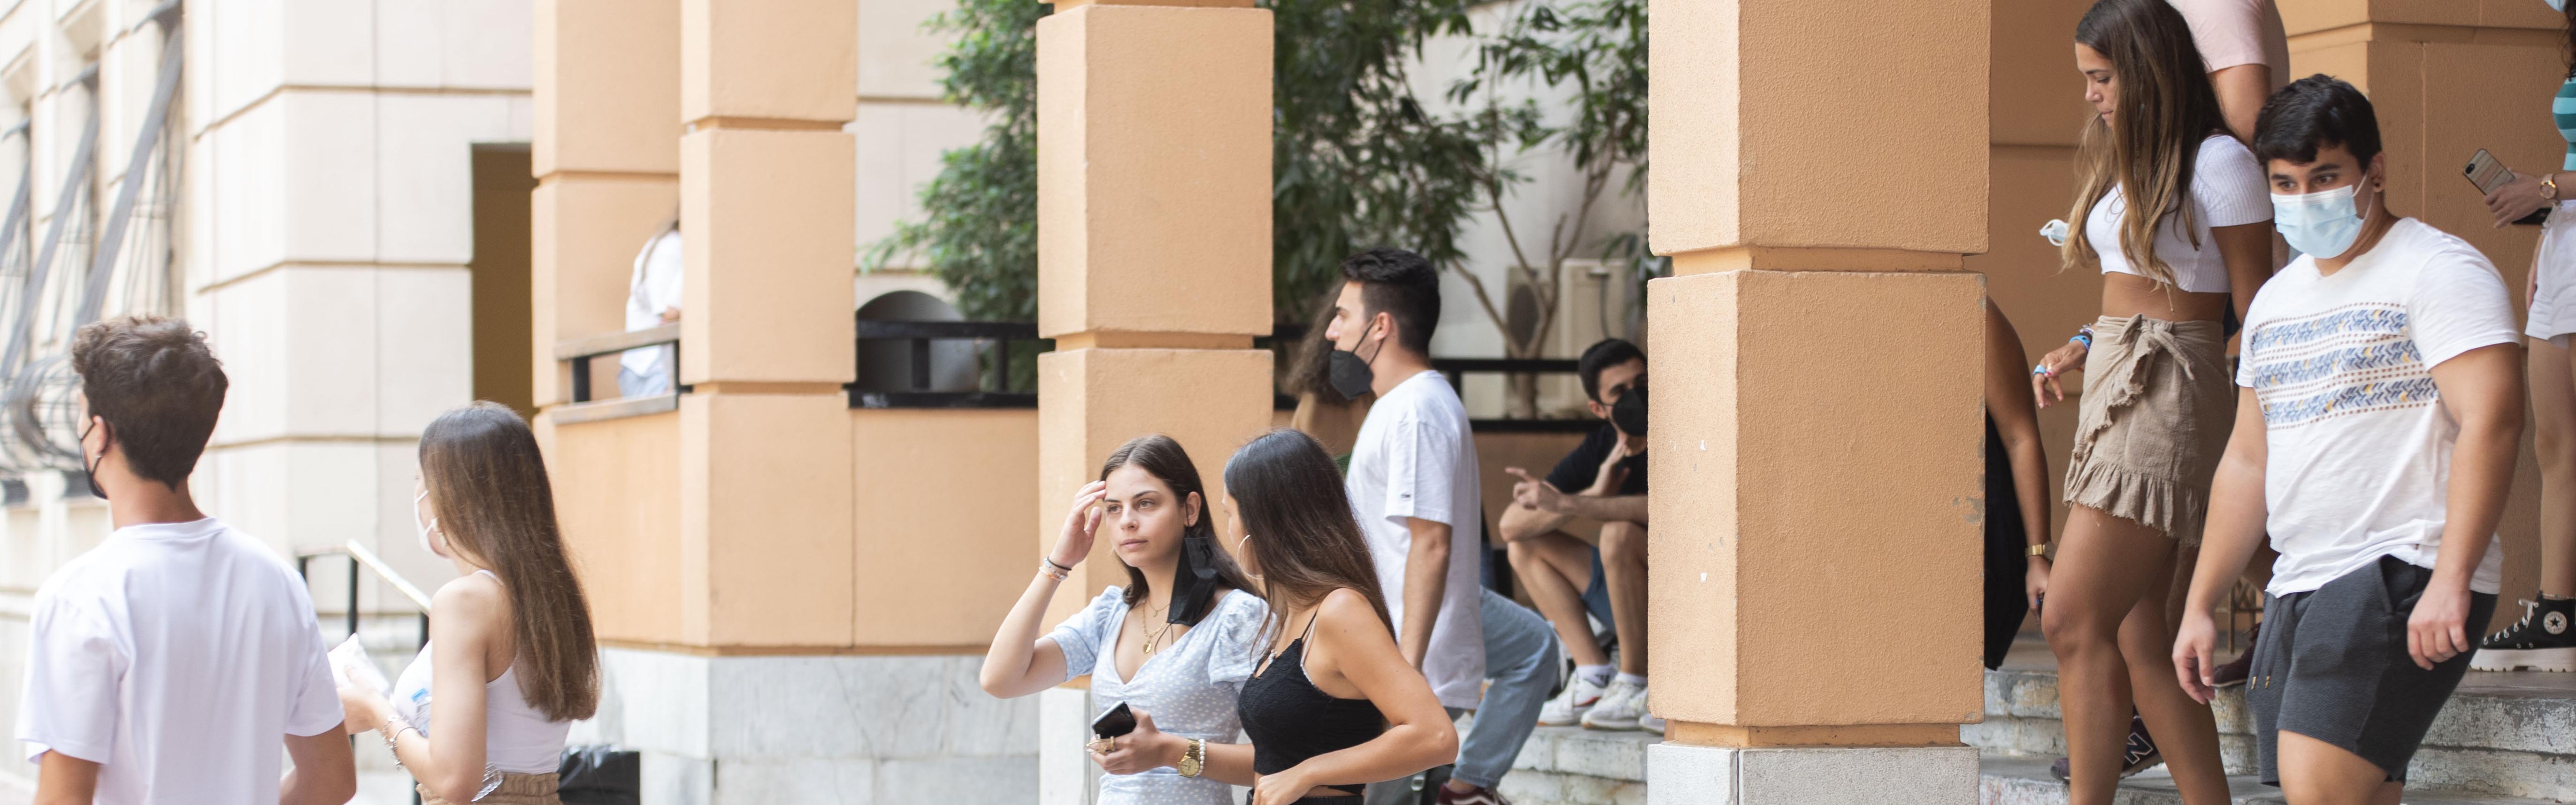 La Universidad de Murcia comienza el curso con 5896 nuevos estudiantes de grado en sus aulas